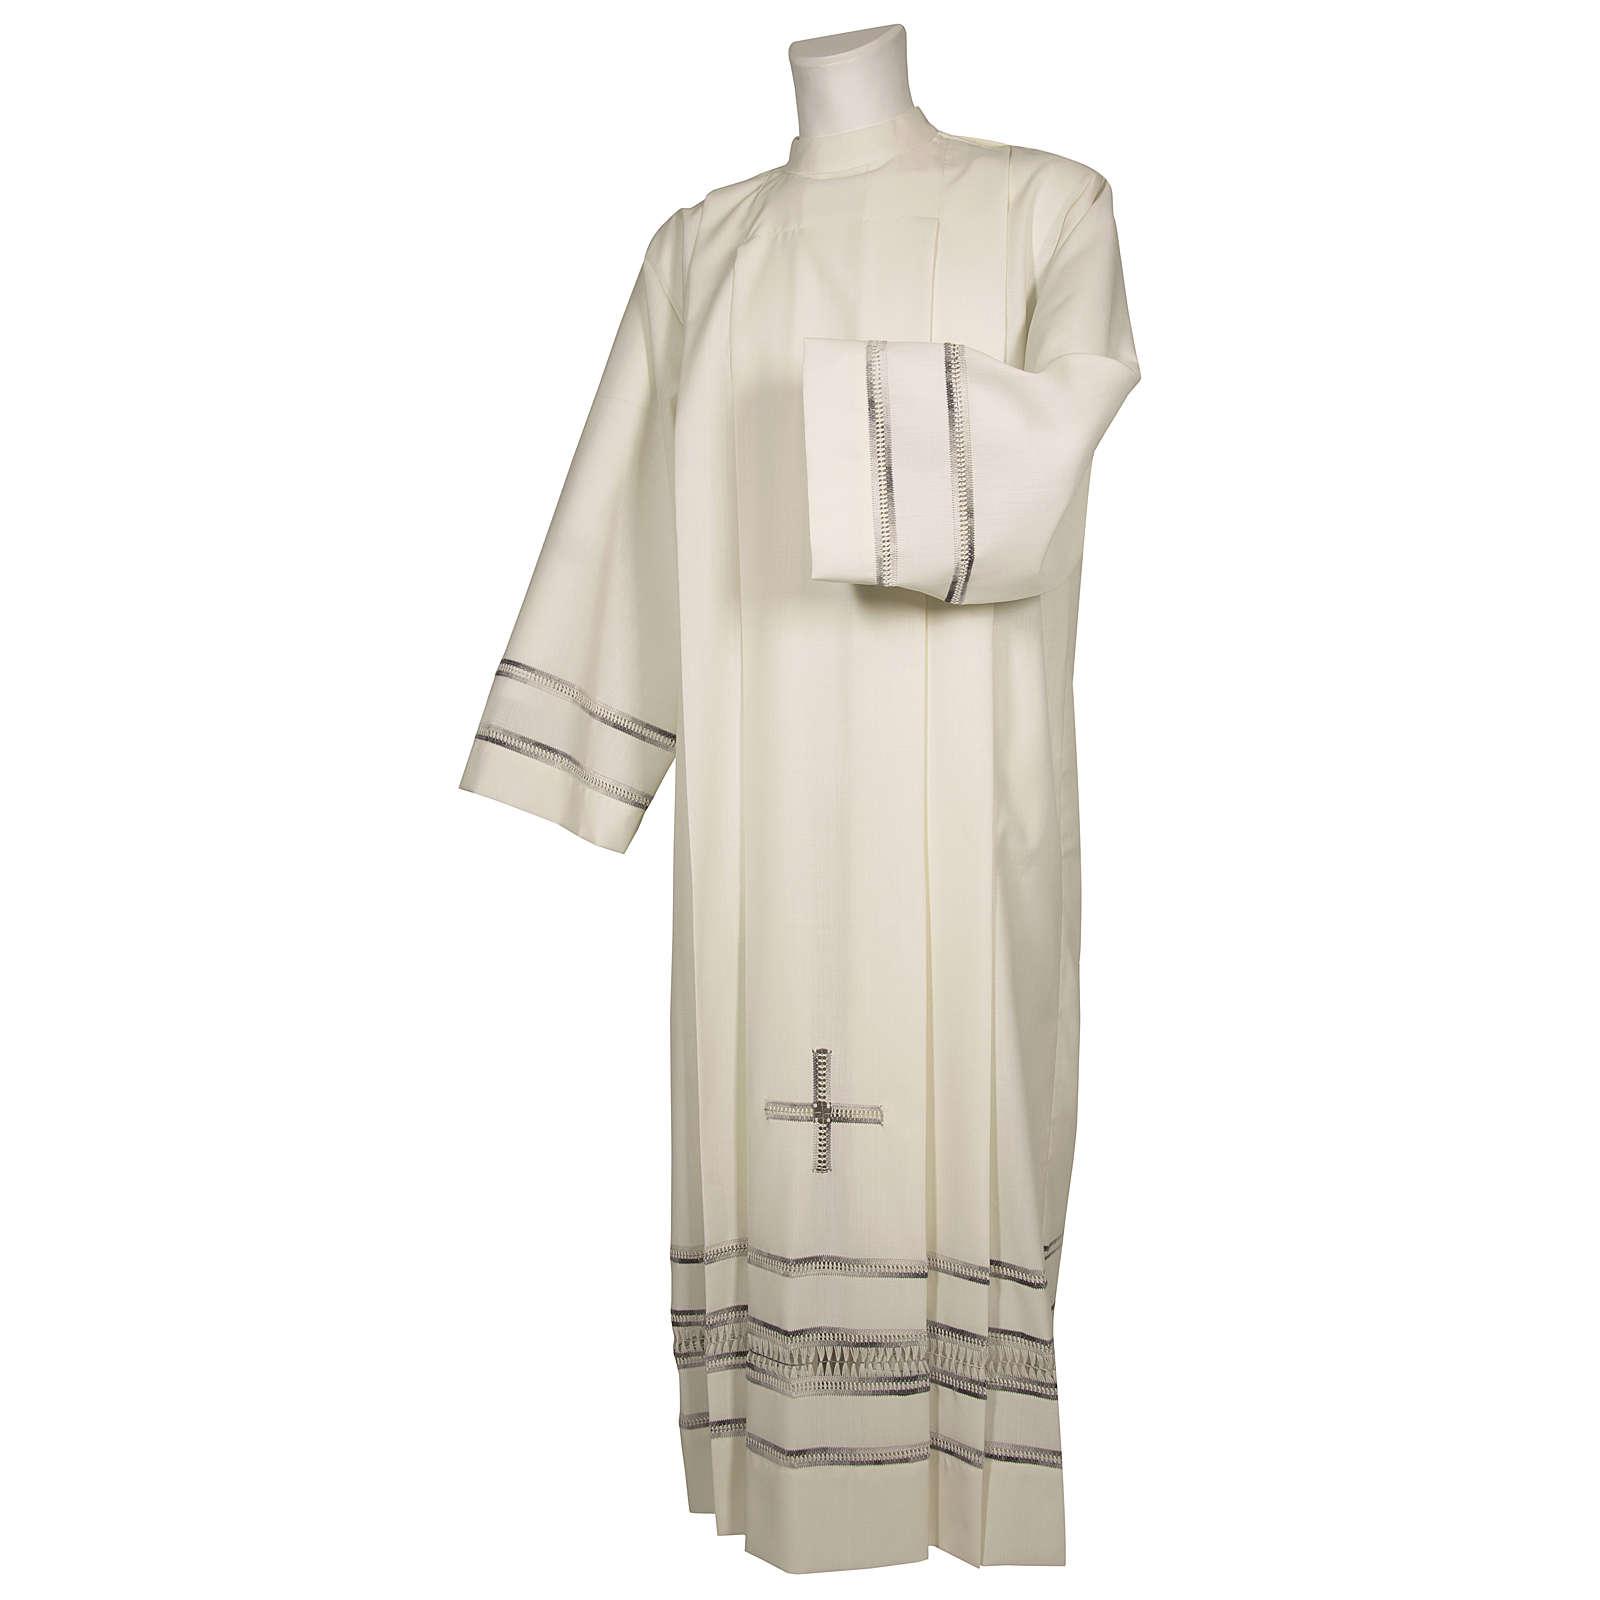 Camice avorio 55% pol. 45% lana gigliuccio papale RICAMO A MANO cerniera spalla 4